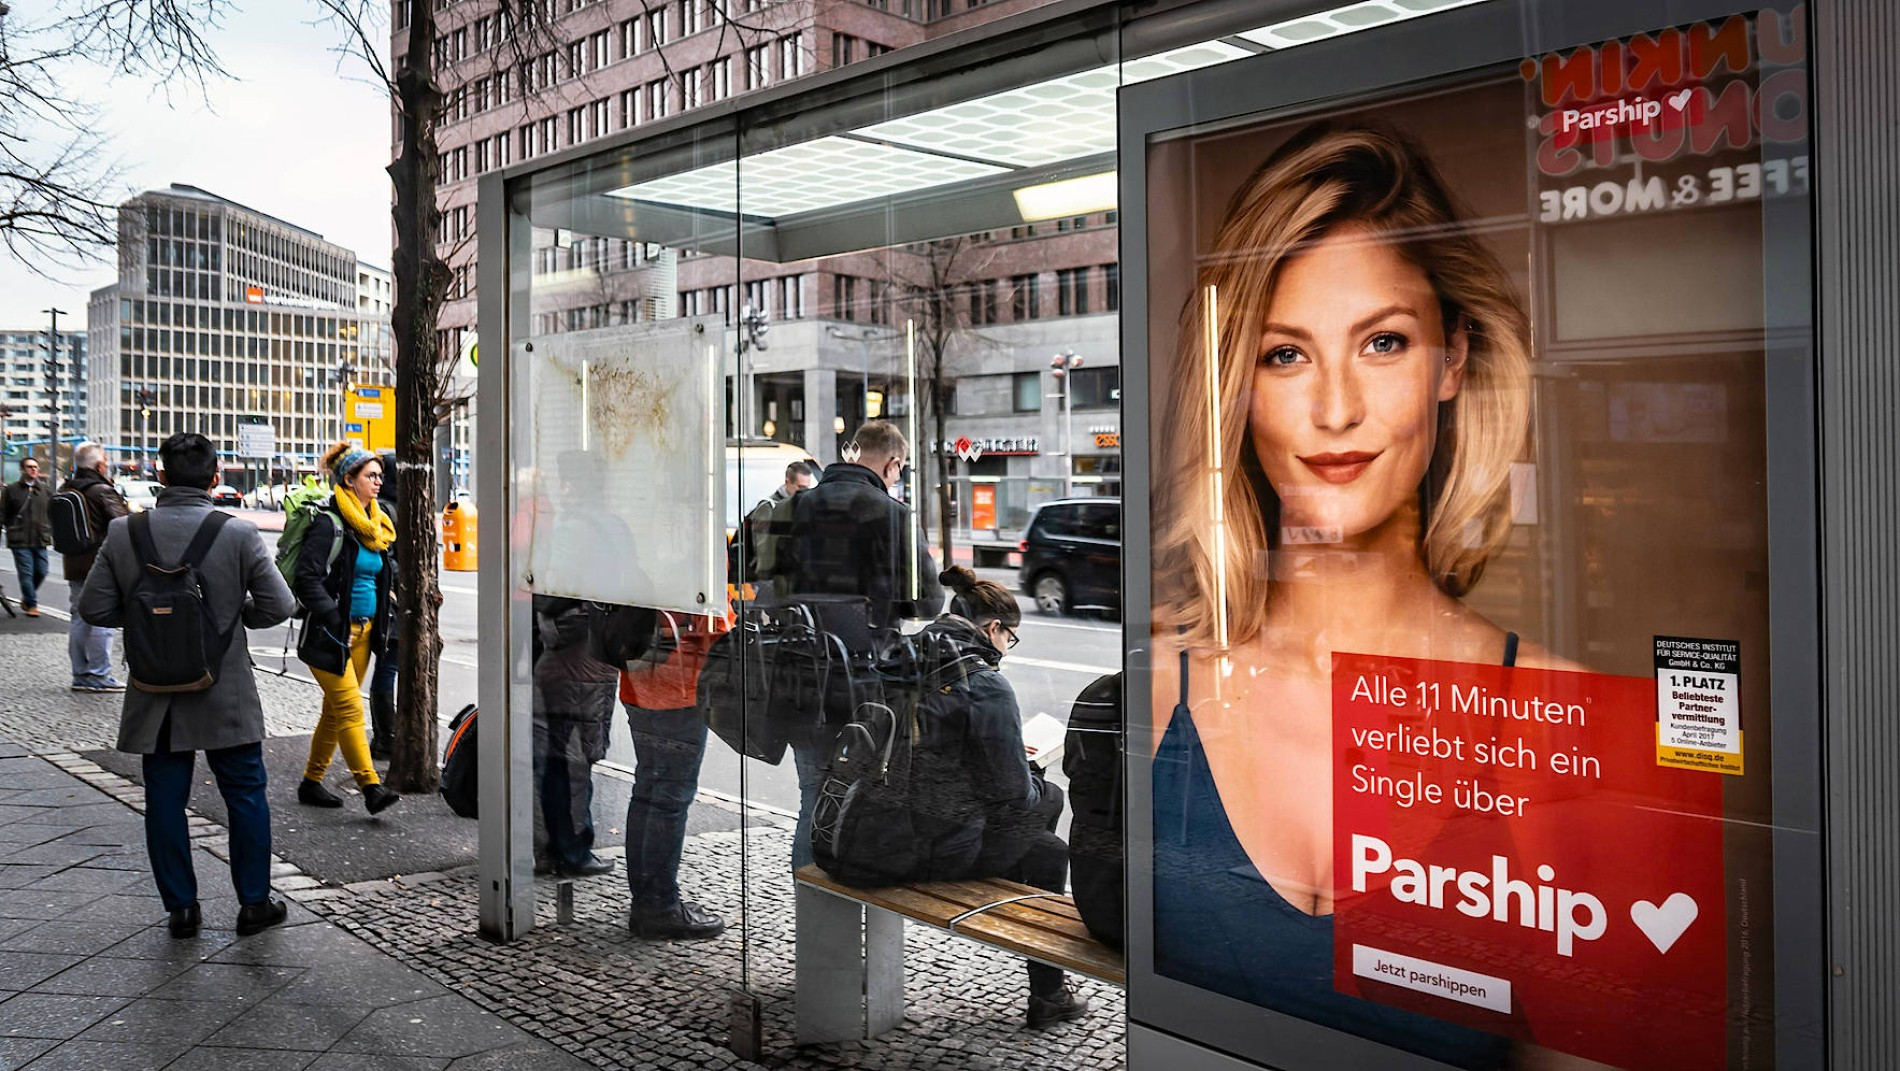 Werbung 2017 model parship Parship Werbung